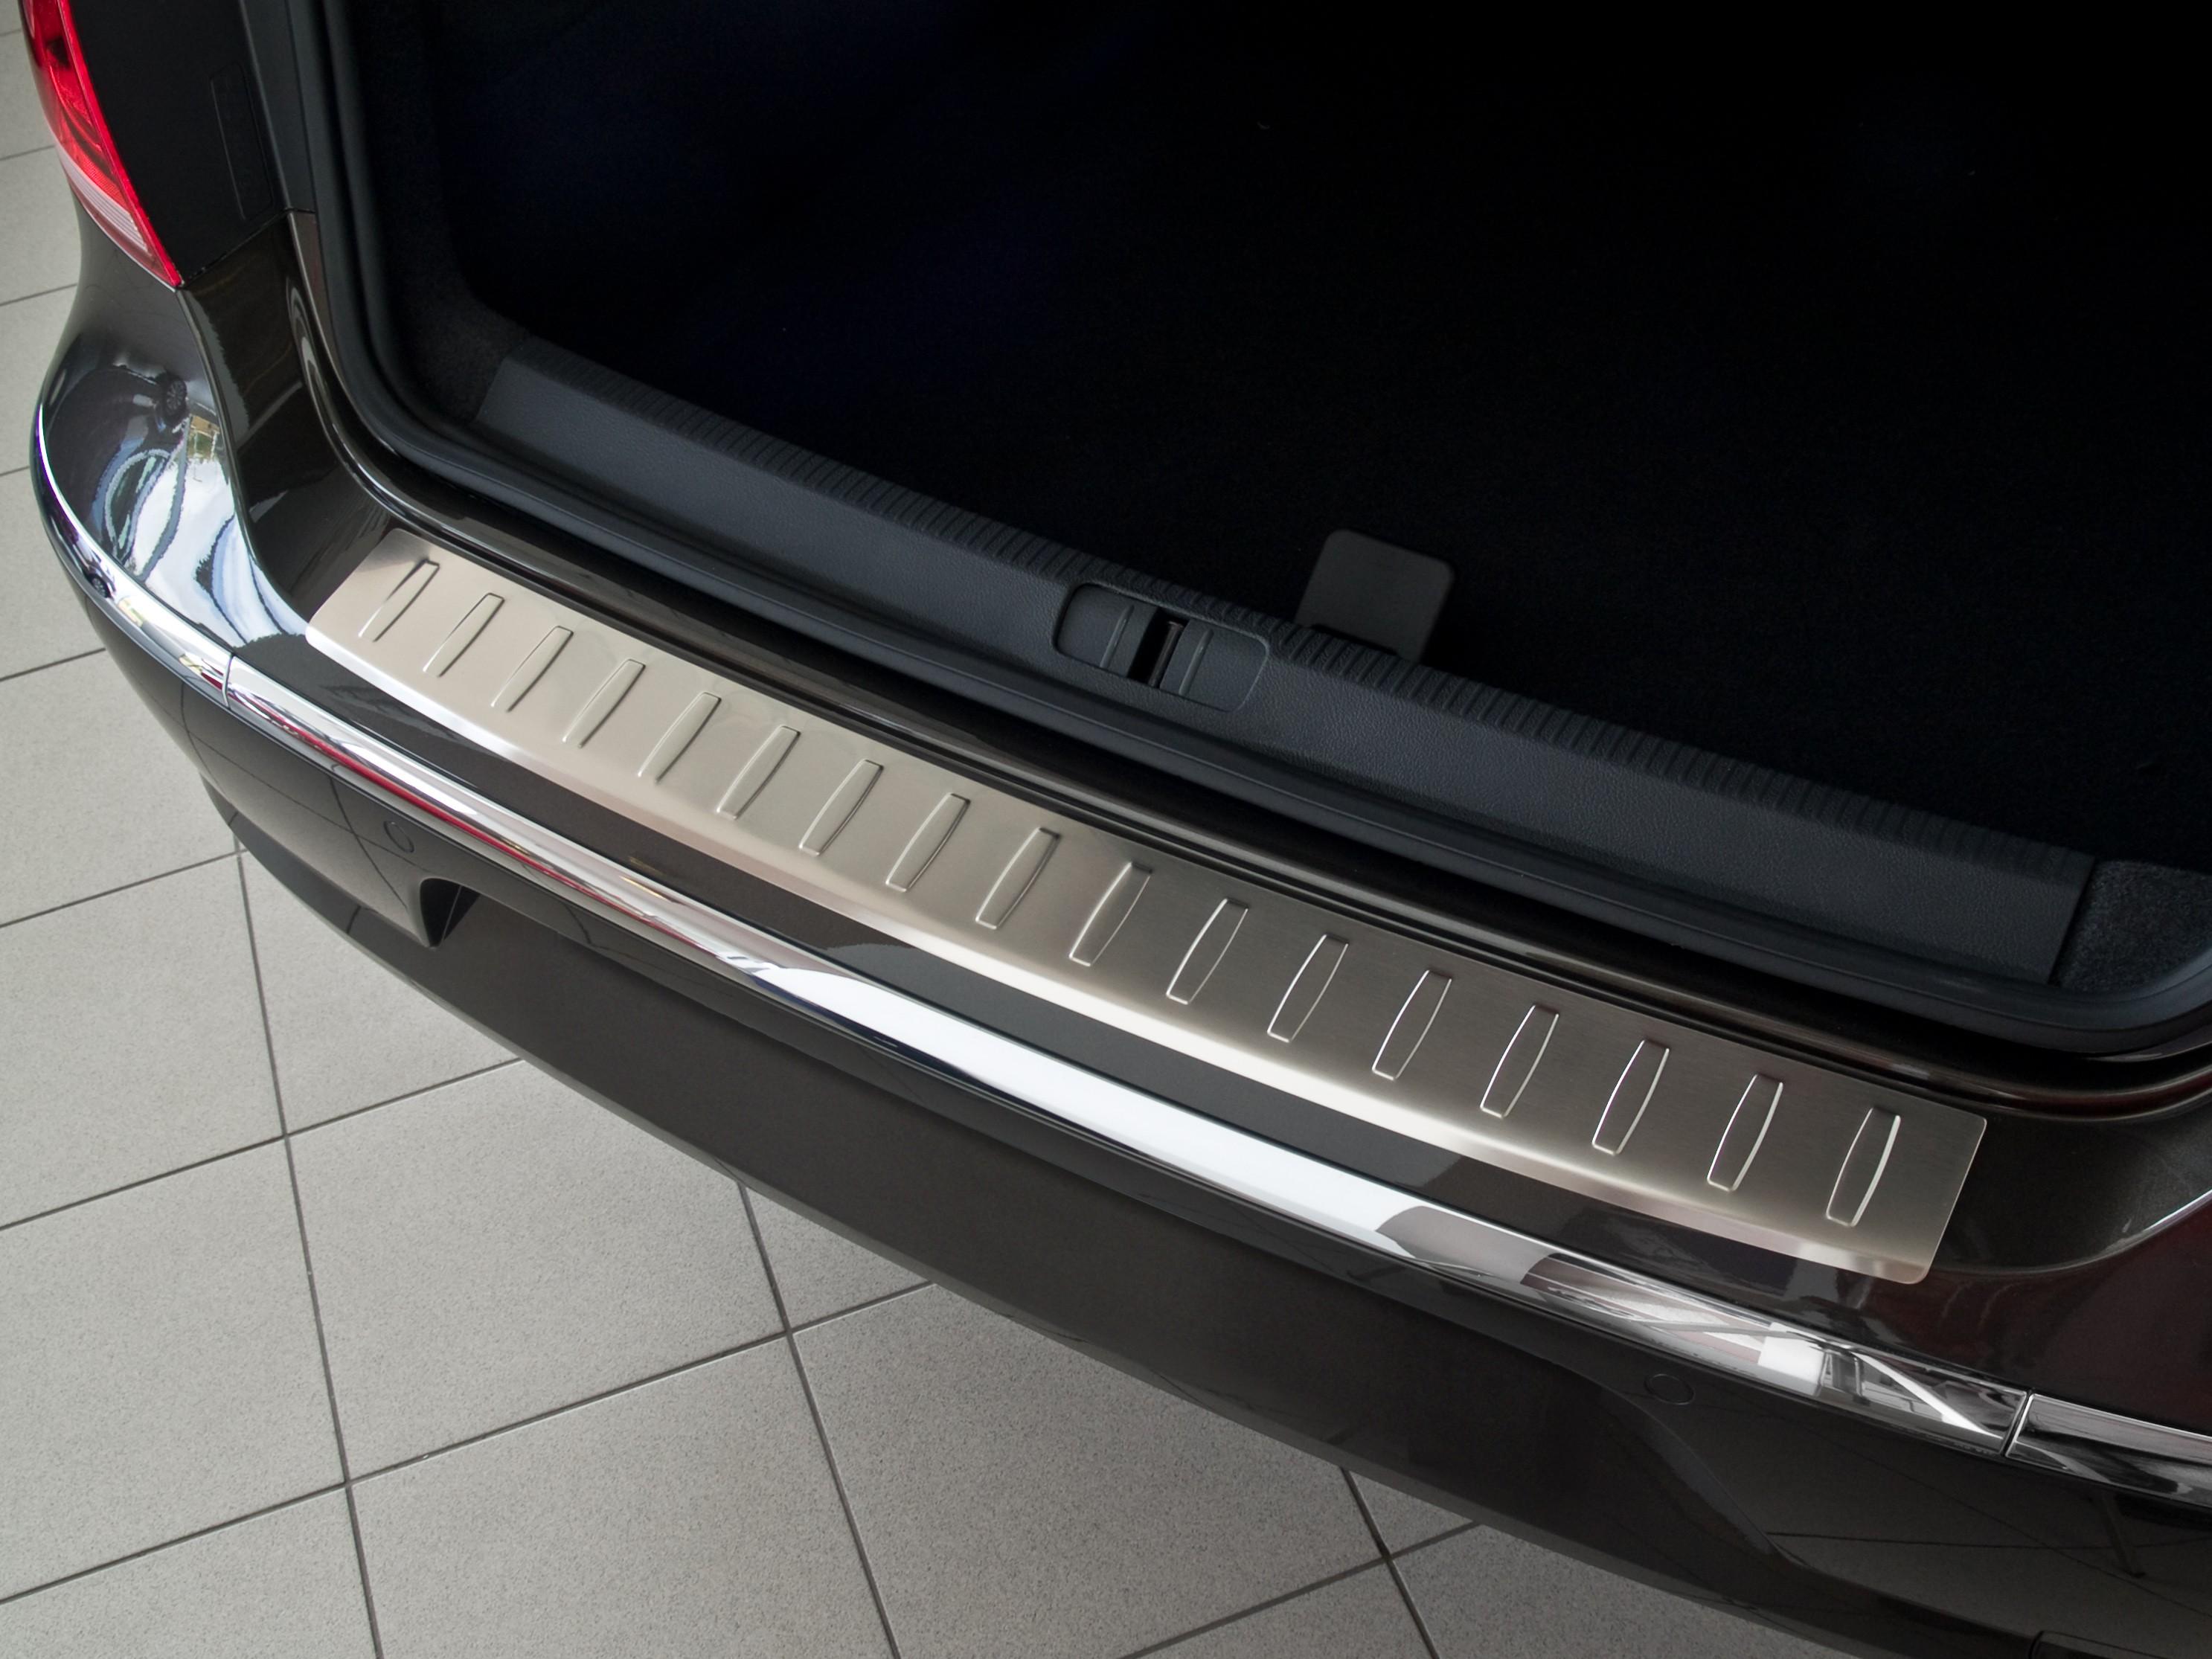 Volkswagen Passat CC profiledribs 2012-